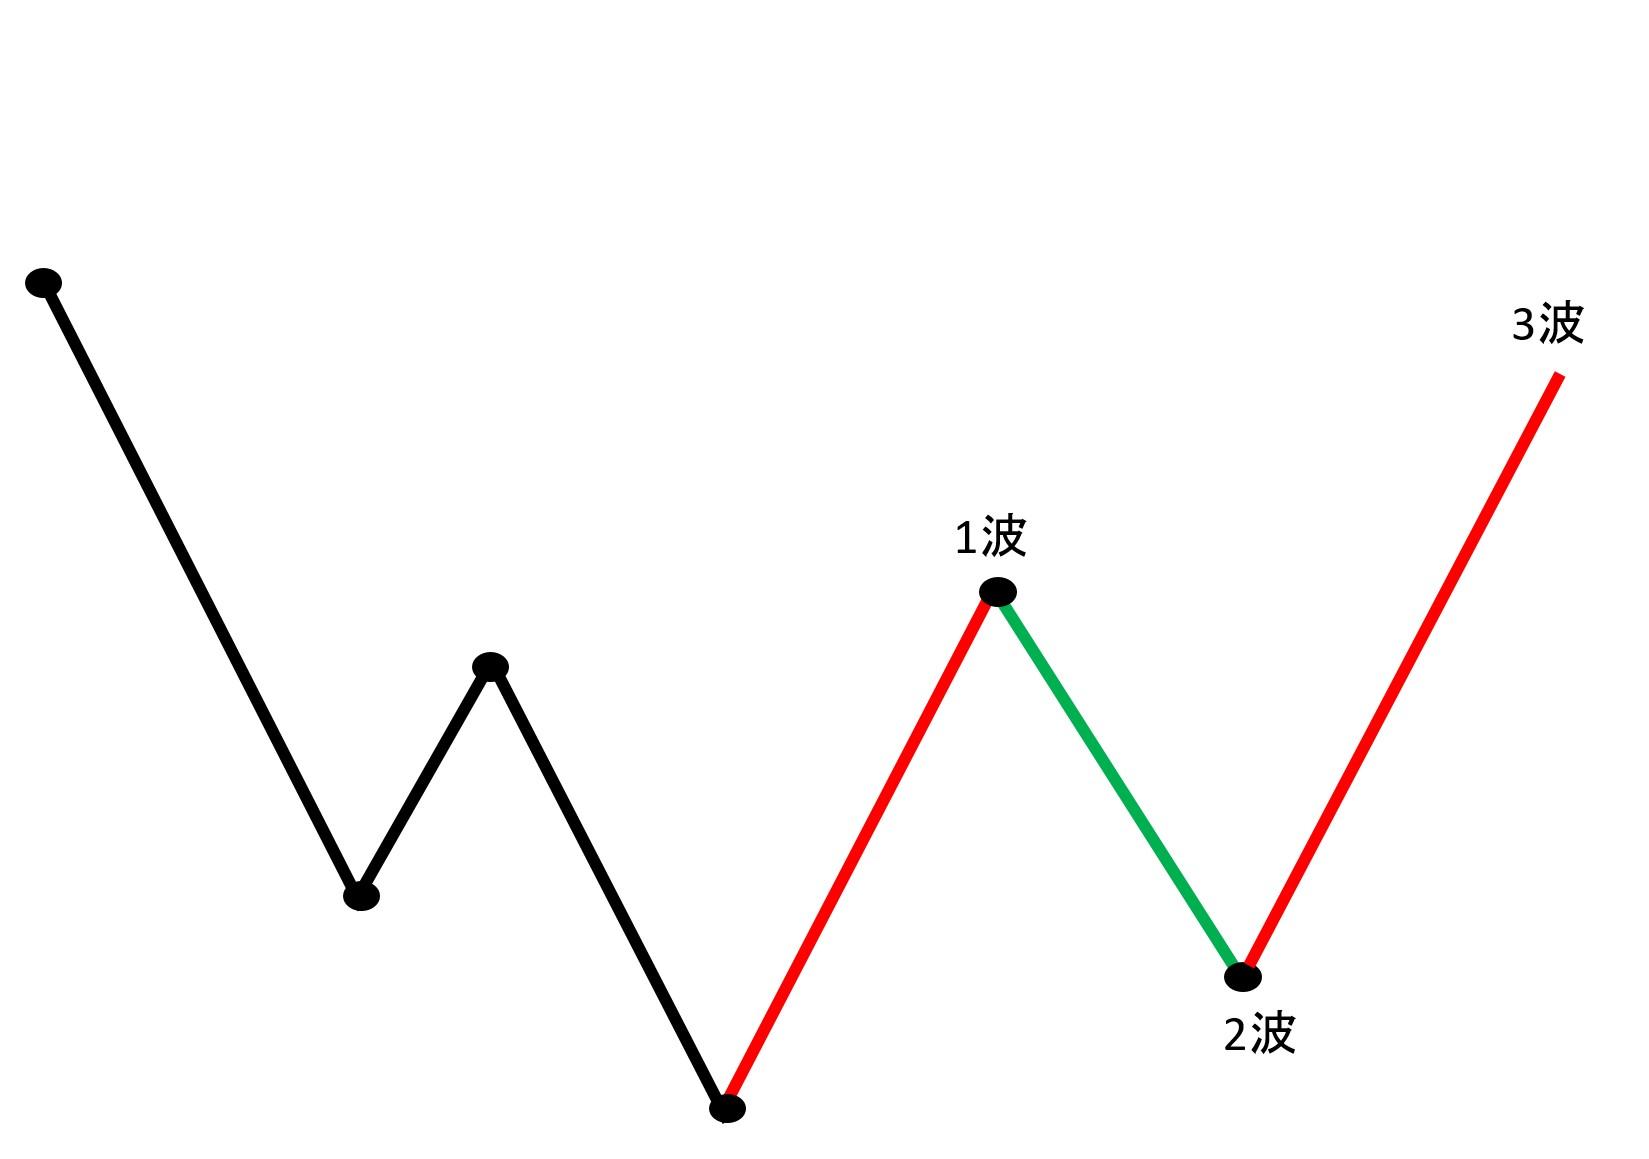 エリオット波動3波は最も伸びやすい